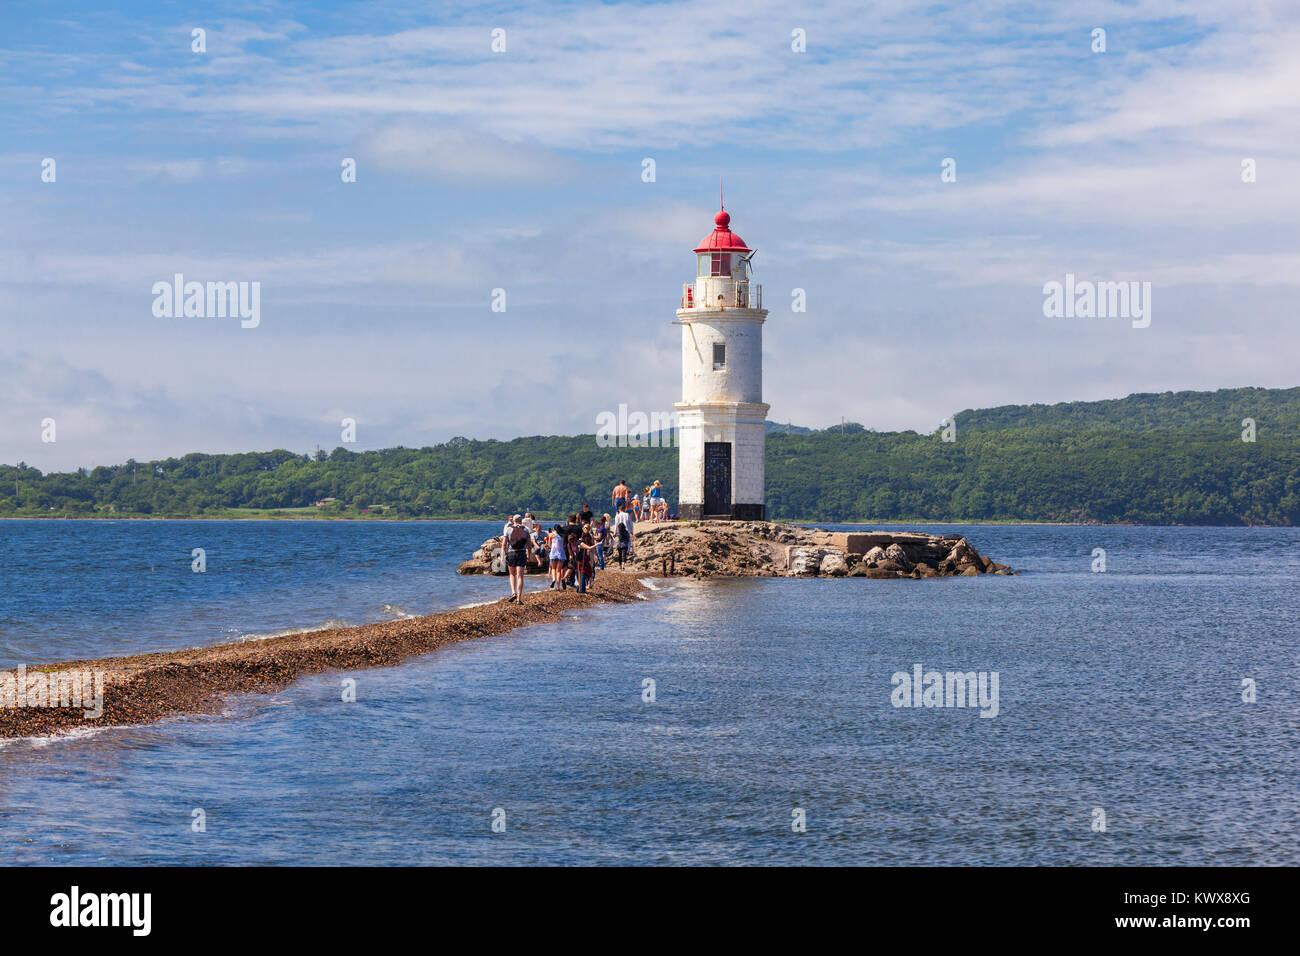 Lighthouse Tokarevskiy Egersheld on Tokarevskaya Koshka cape in Vladivostok, Primorsky Krai in Russia - Stock Image